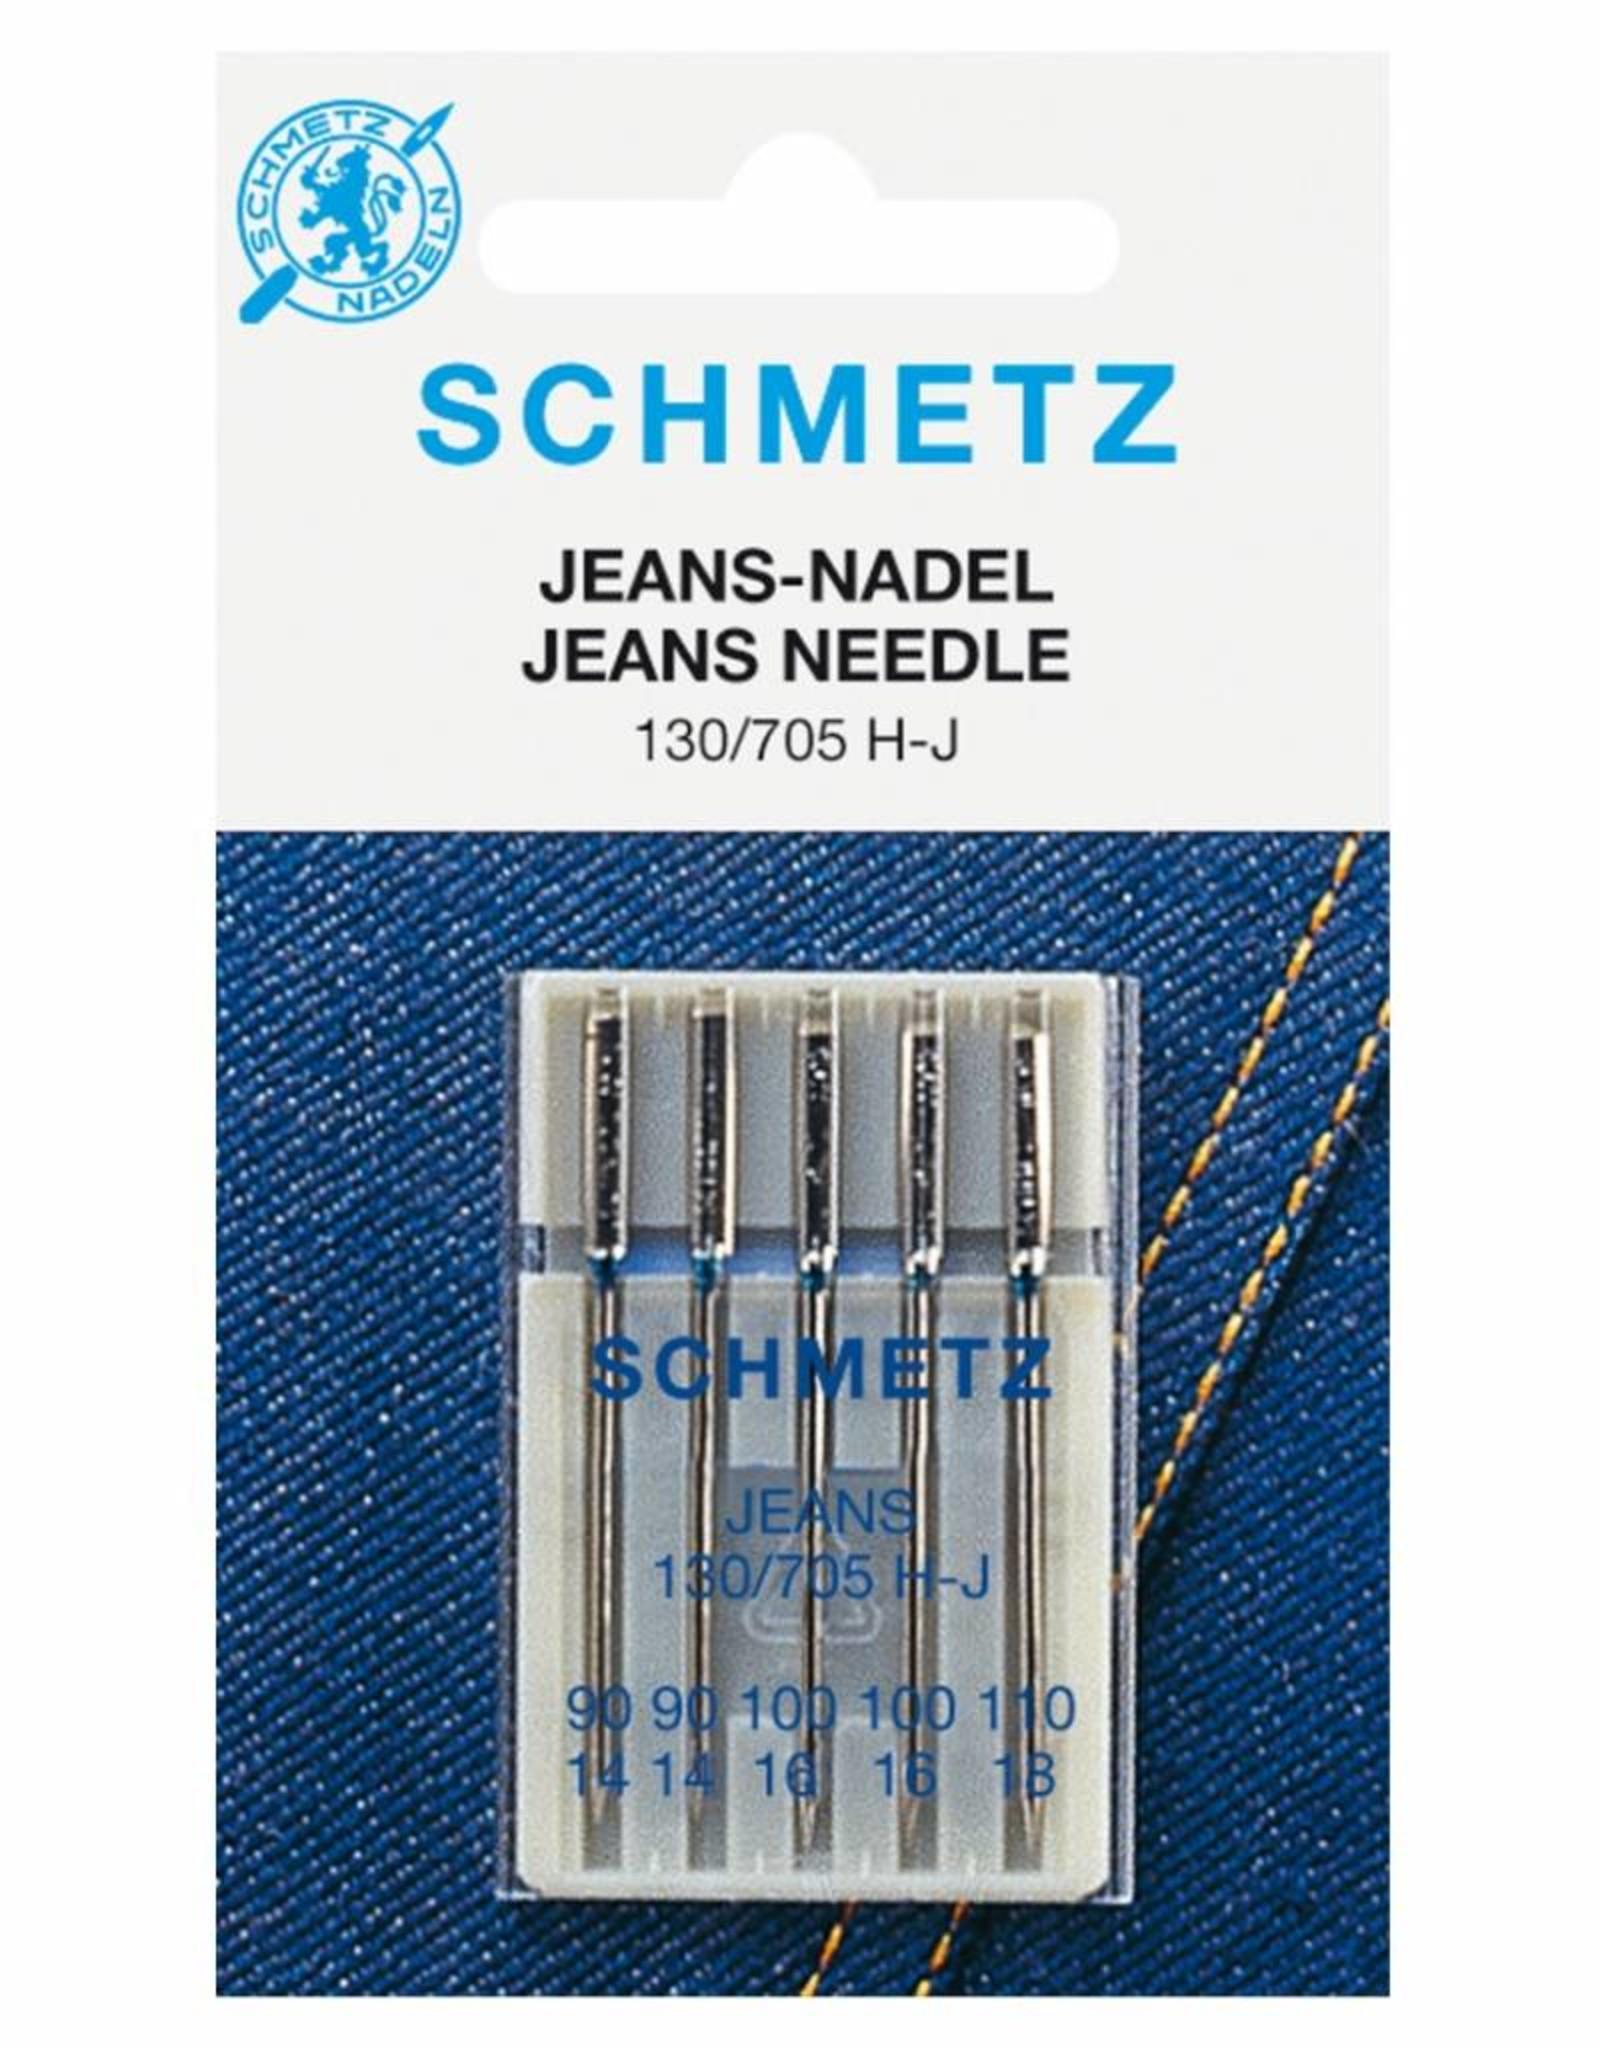 Schmetz MACHINENAALD JEANS ASS n°90-100-110 5st